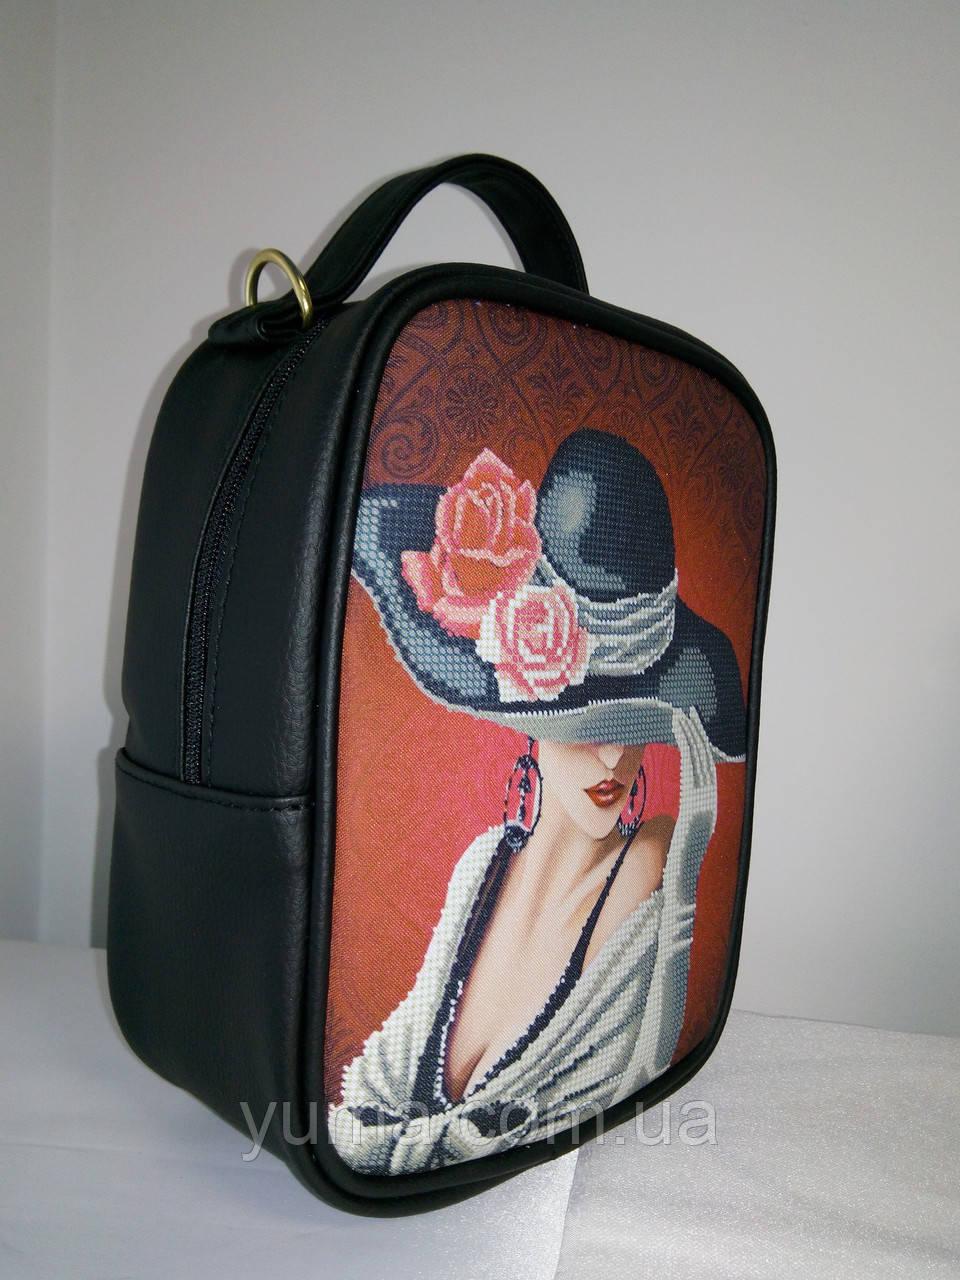 Сумка-рюкзак для вышивки бисером   Рюкзак Модель 1 С 7 черный кожзам